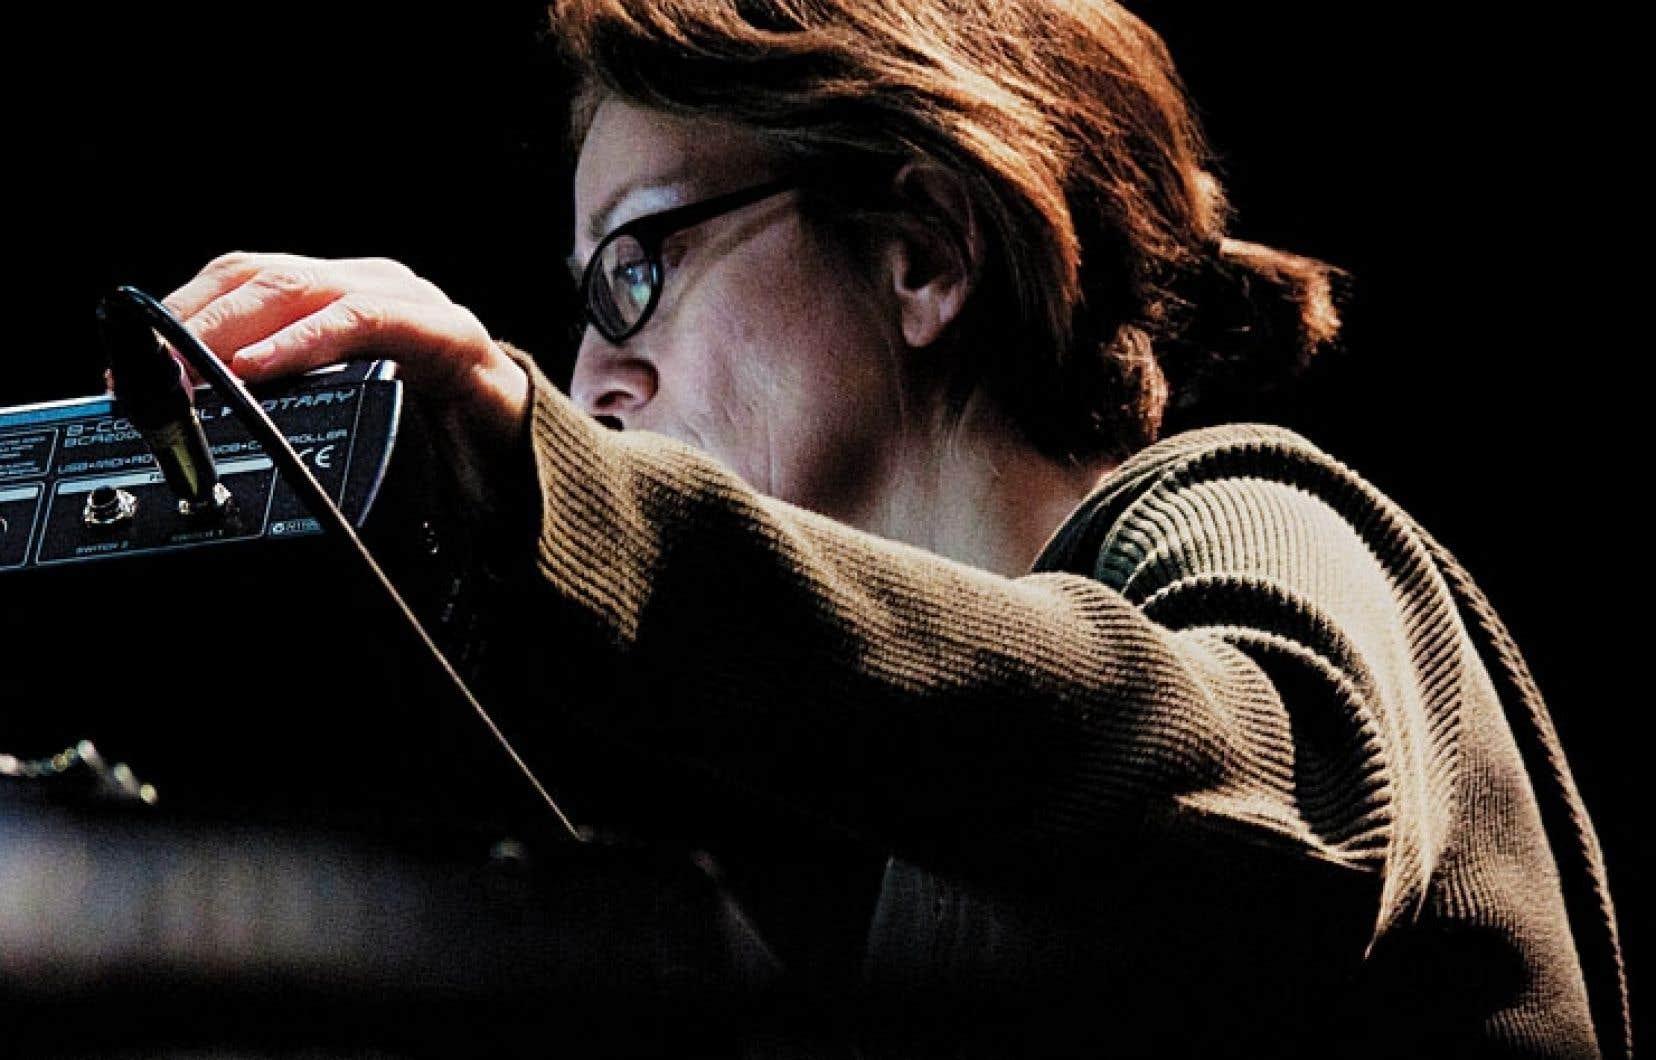 La compositrice Monique Jean présentera jeudi soir l'œuvre sonore T.A.G. dans le cadre d'Akousma X.